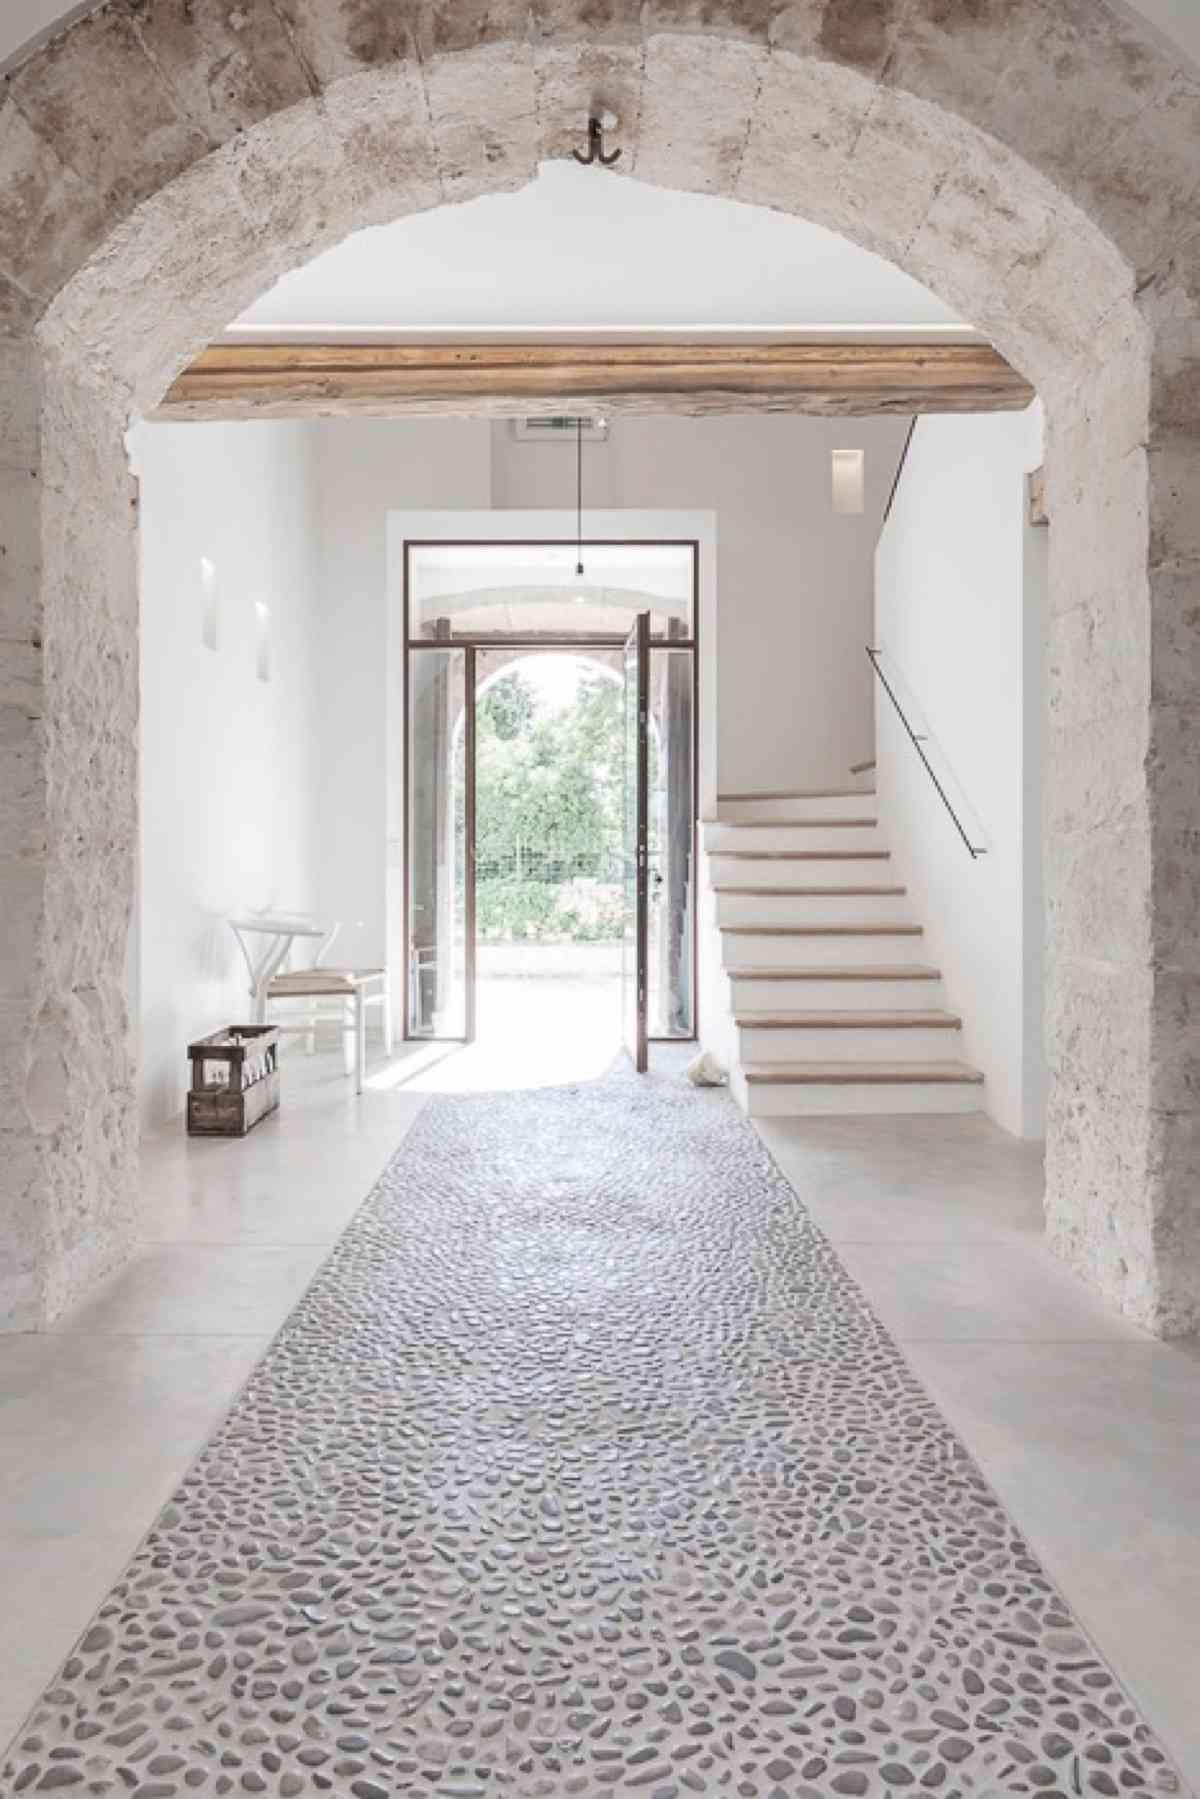 Tipos de suelo de piedra natural y consejos para su limpieza - Suelos de piedra para exterior ...